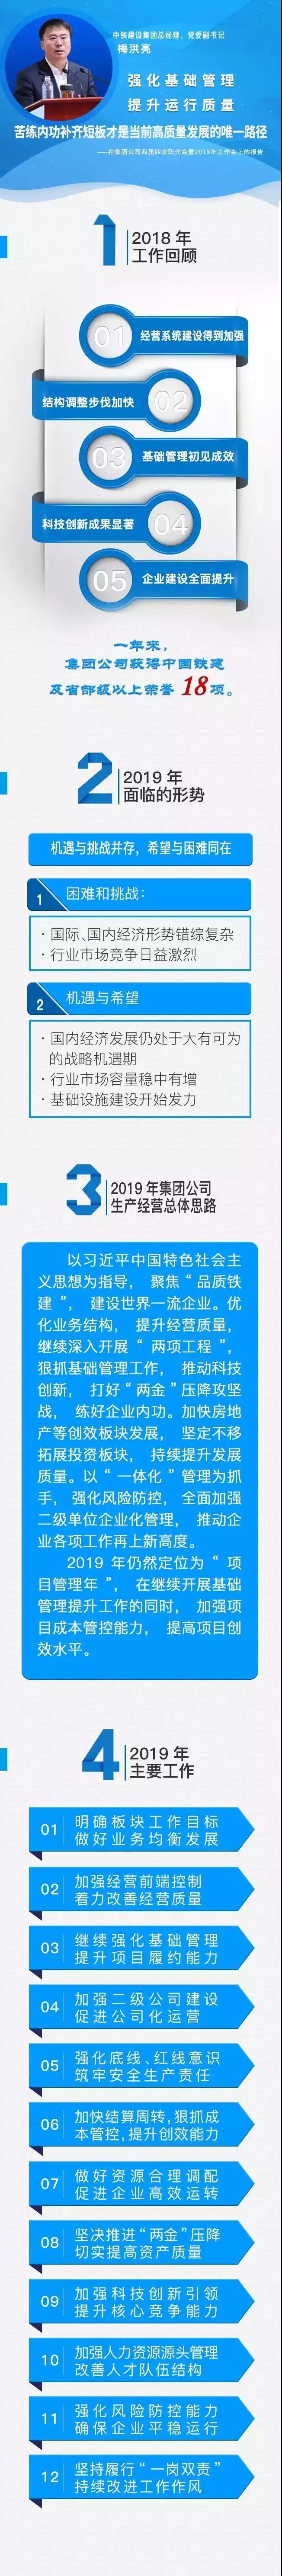 一图读懂中铁建2019如何发展_3